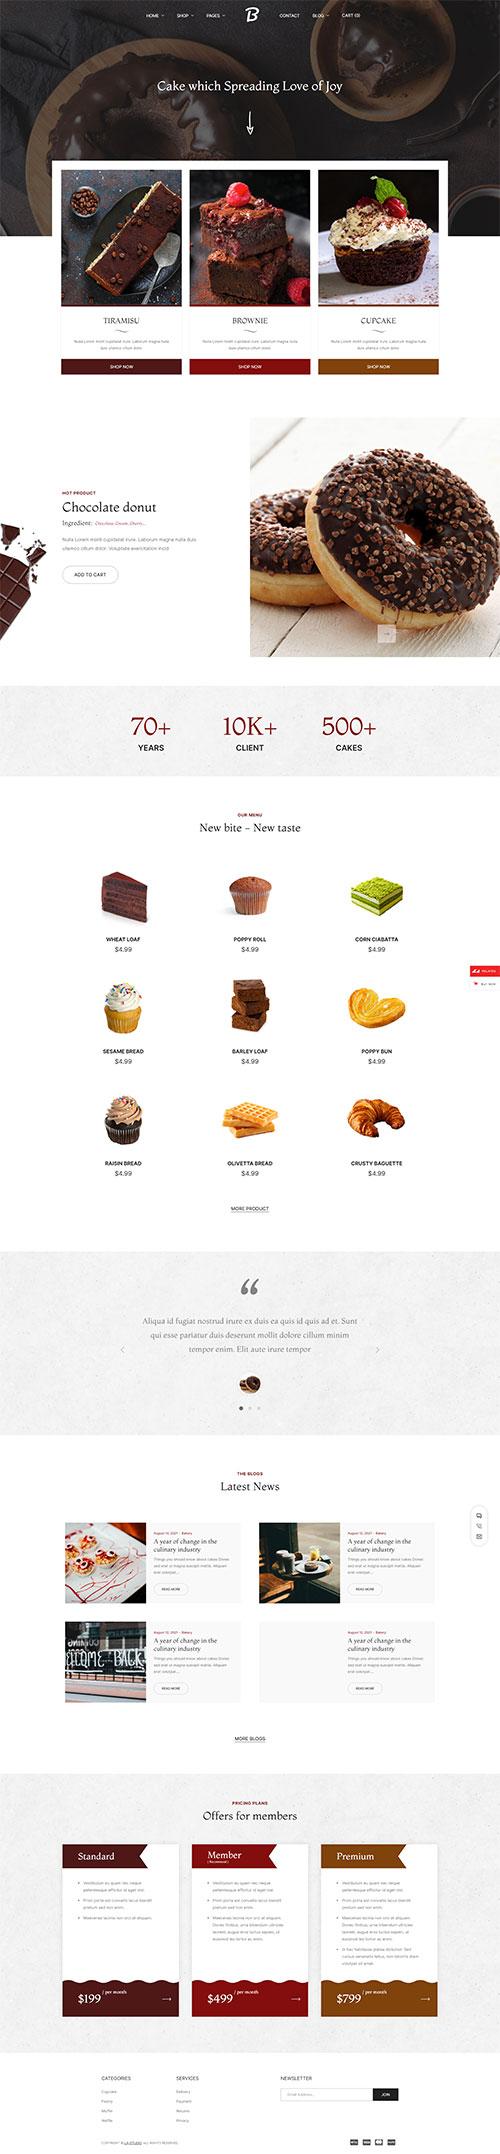 Mẫu-web-Tiệm-bánh-đồ-ăn-nhanh--Cake-shop-05